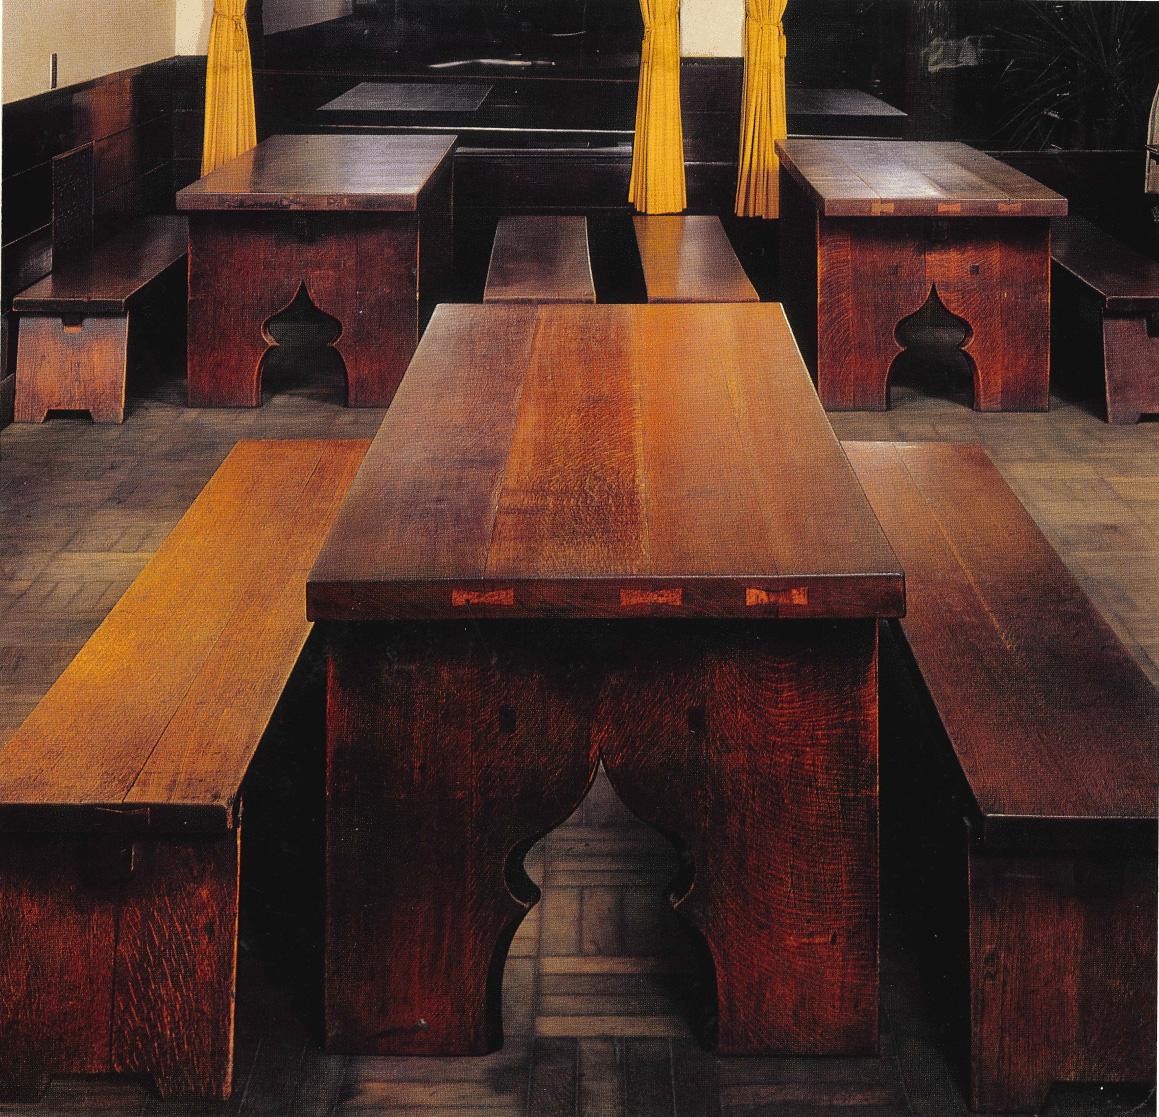 木工家、黒田辰秋が手がけた進々堂のテーブルとベンチ